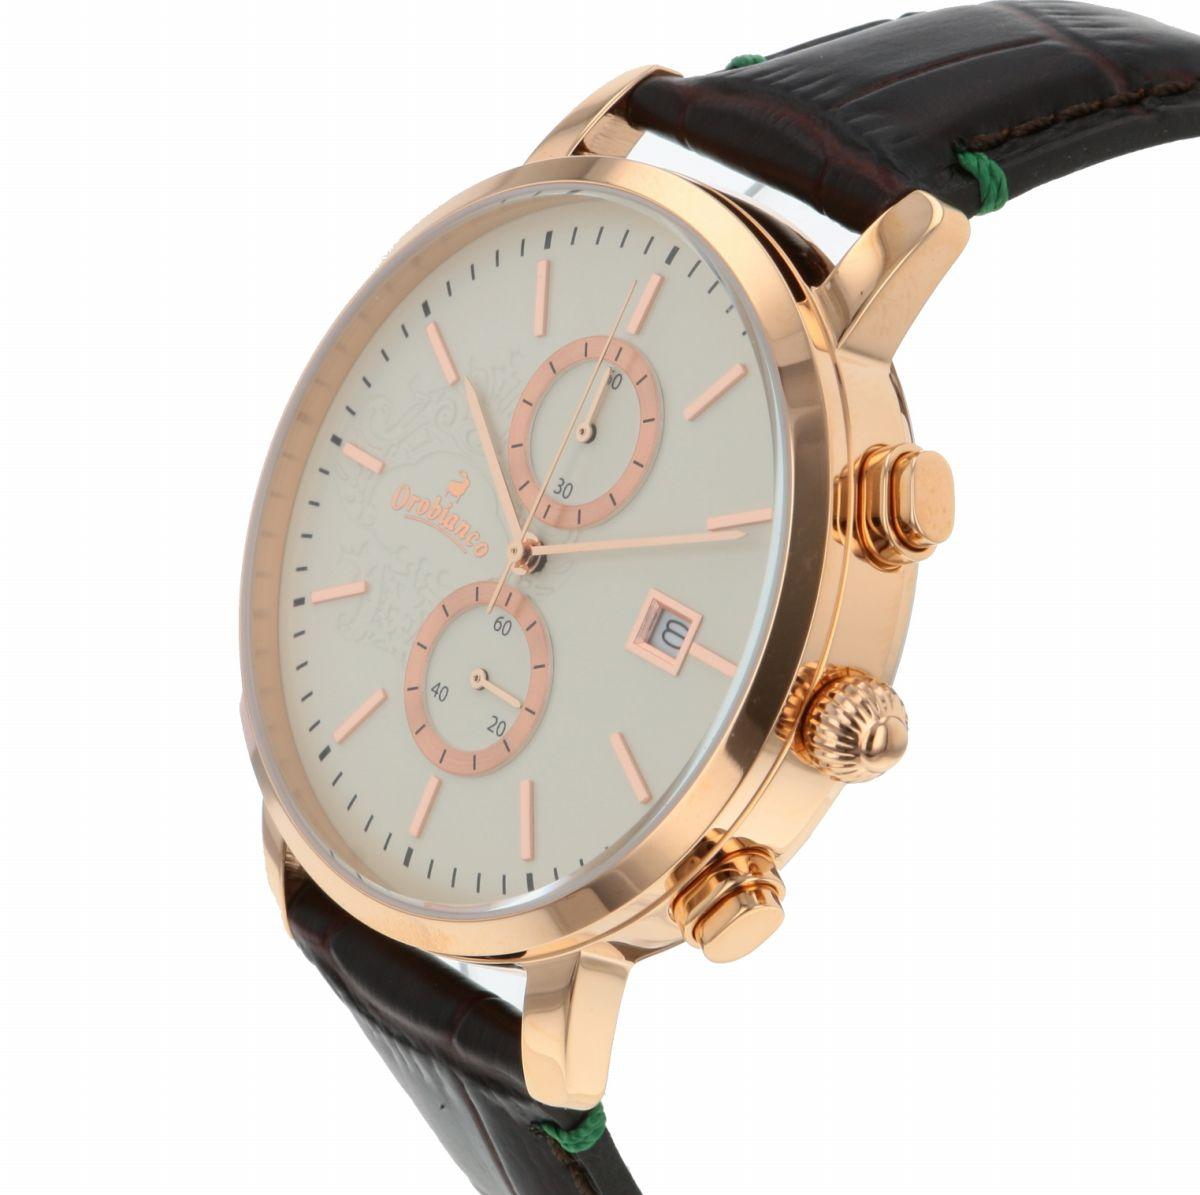 オロビアンコ 時計 メンズ Orobianco 腕時計 チェルト CERTO OR0070-9【2018 新作】